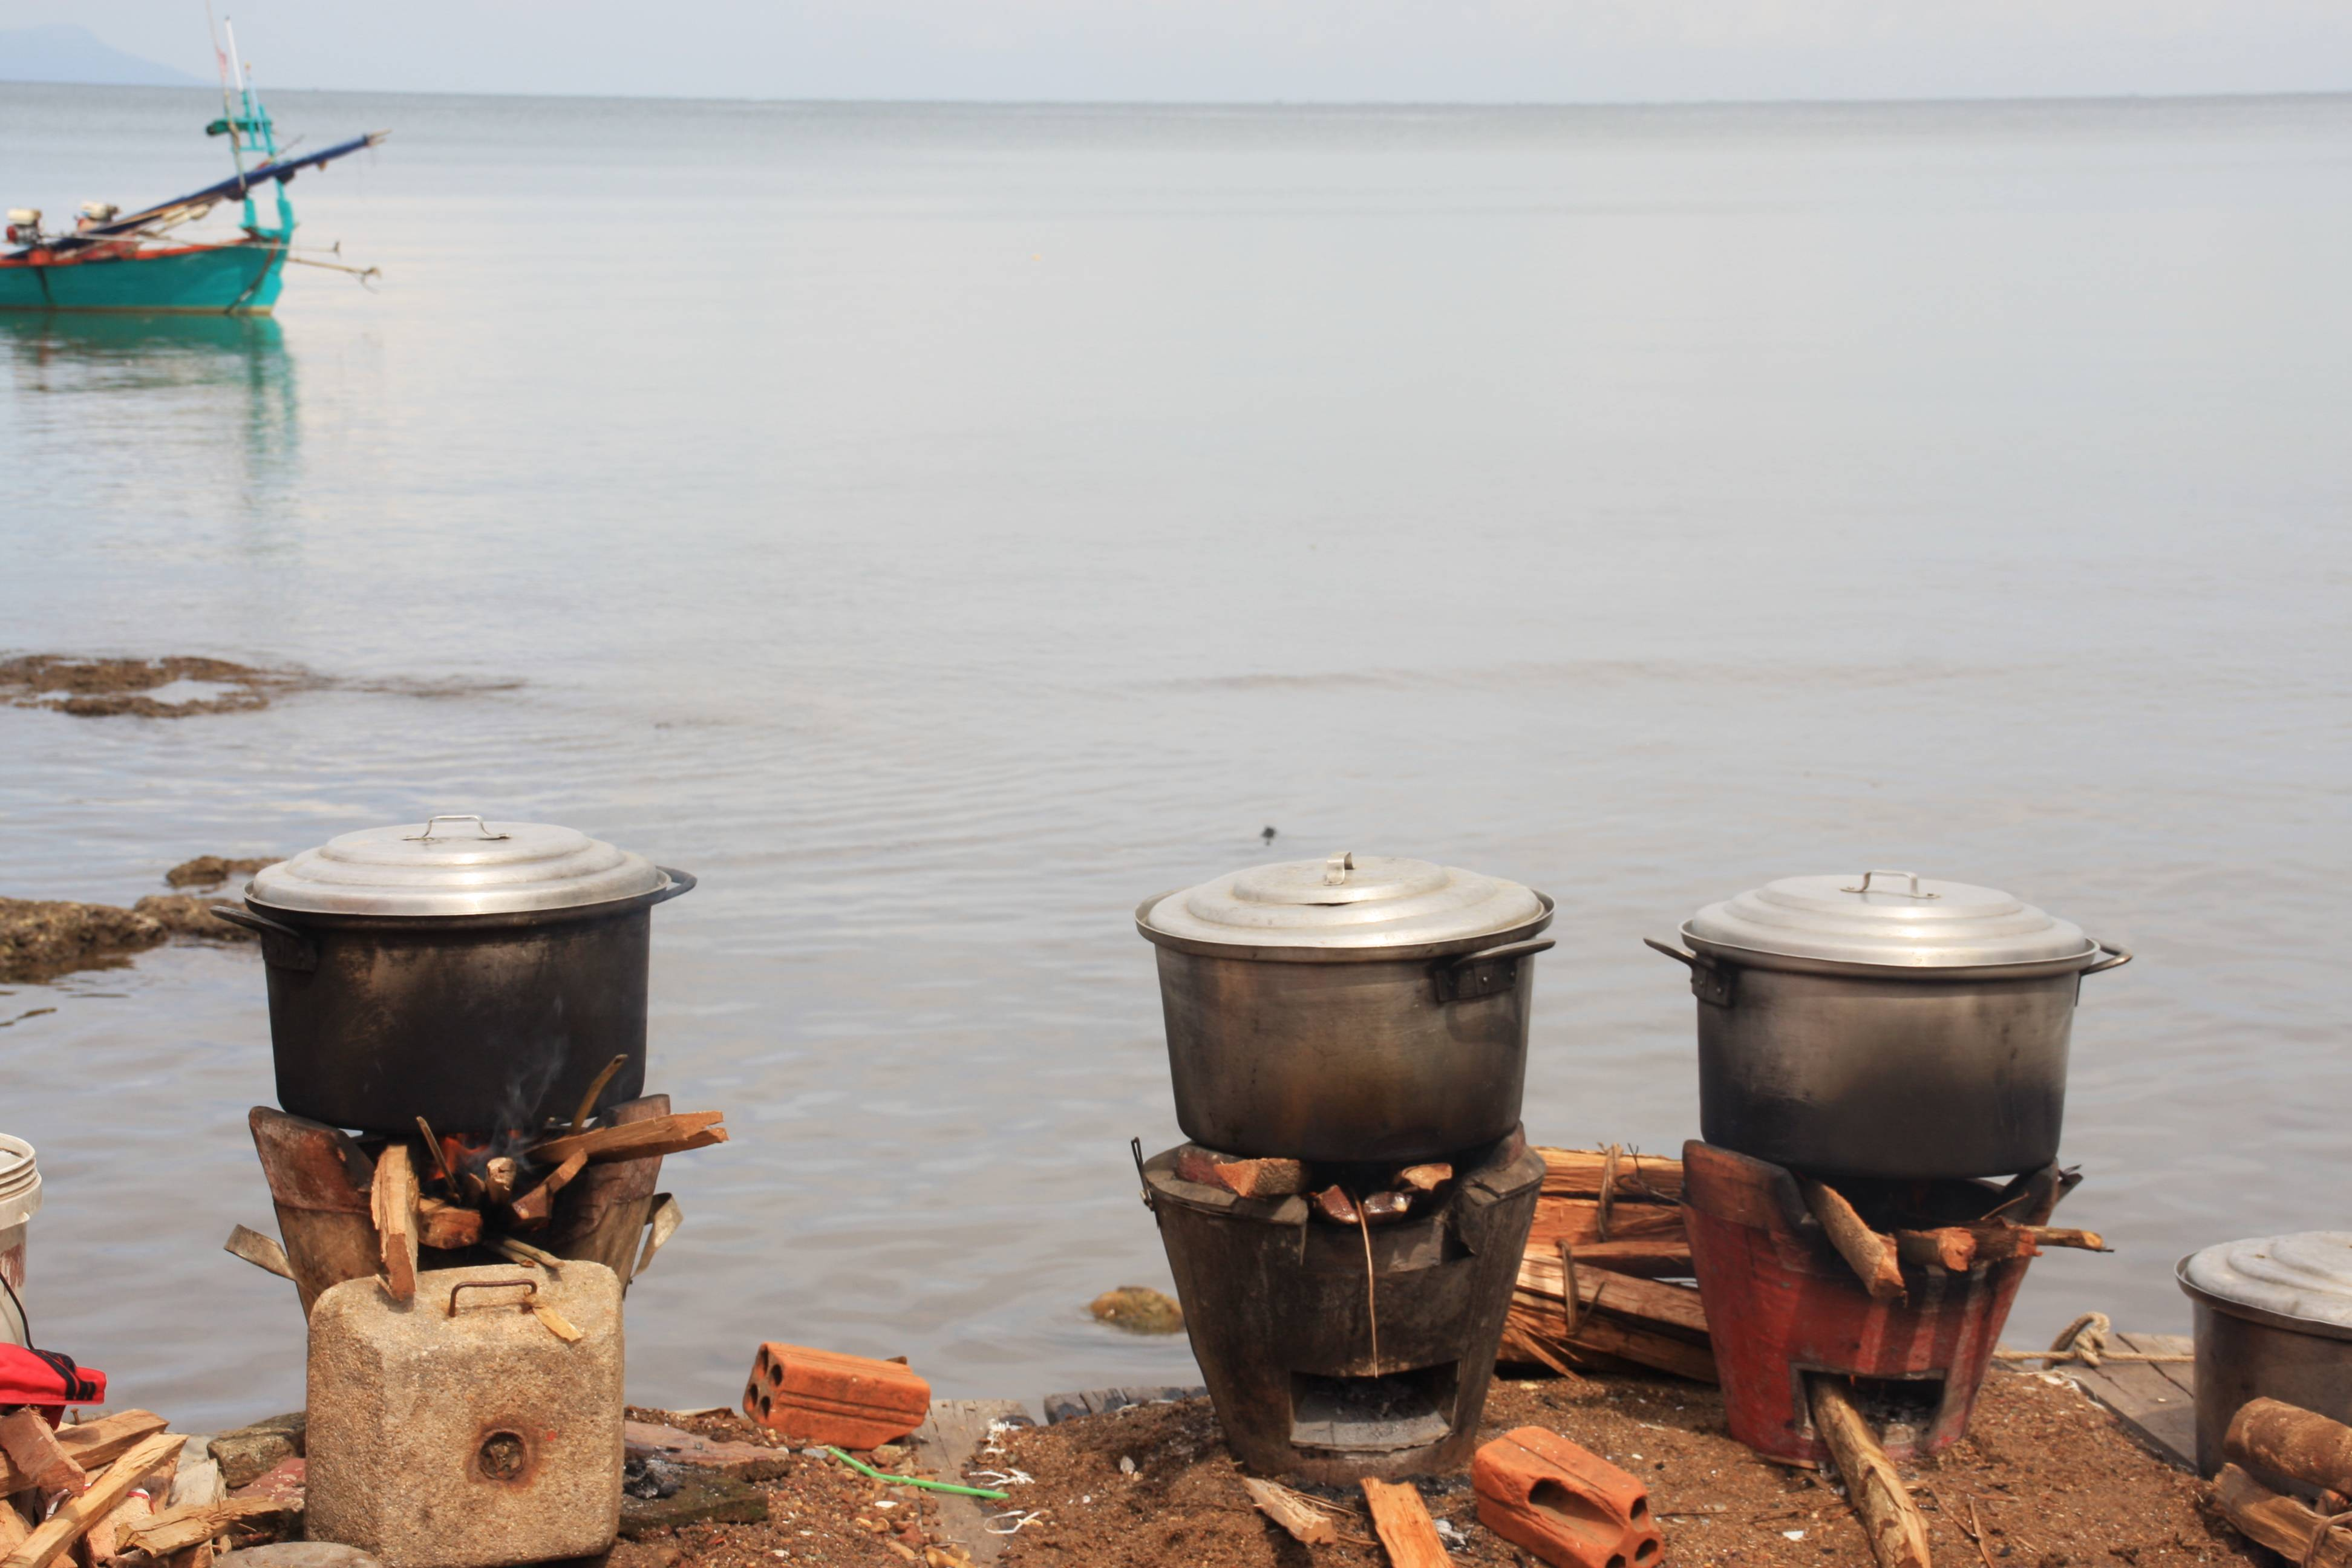 Photo 3: Marché aux crabes de Kep